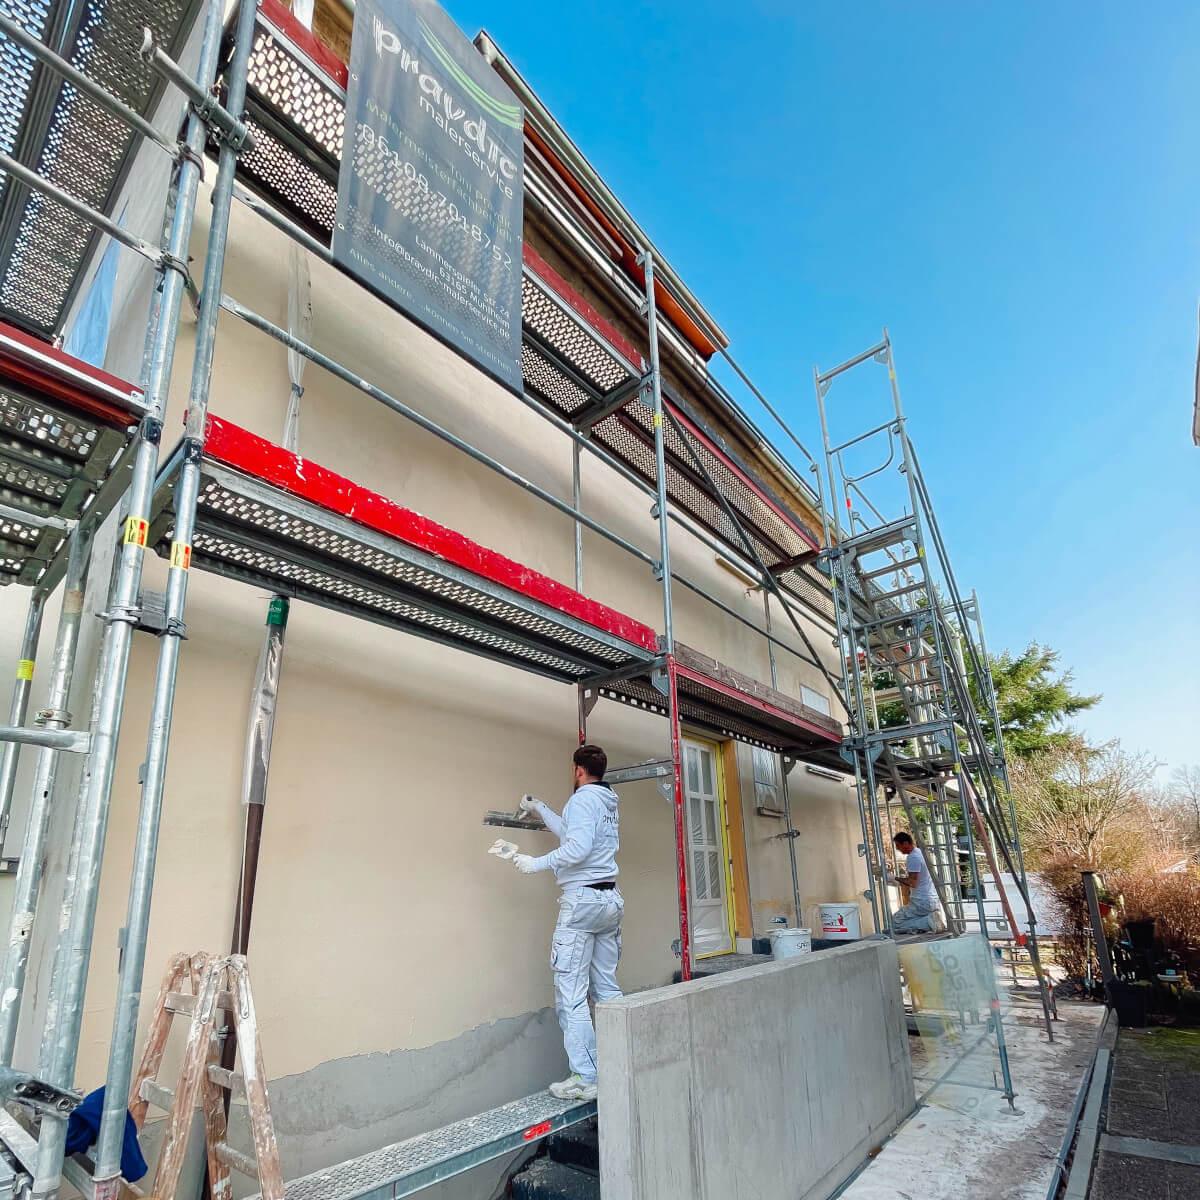 Das Team von Pravdic Malerservice aus Mühlheim am Main bei einer Fassadenrenovierung.